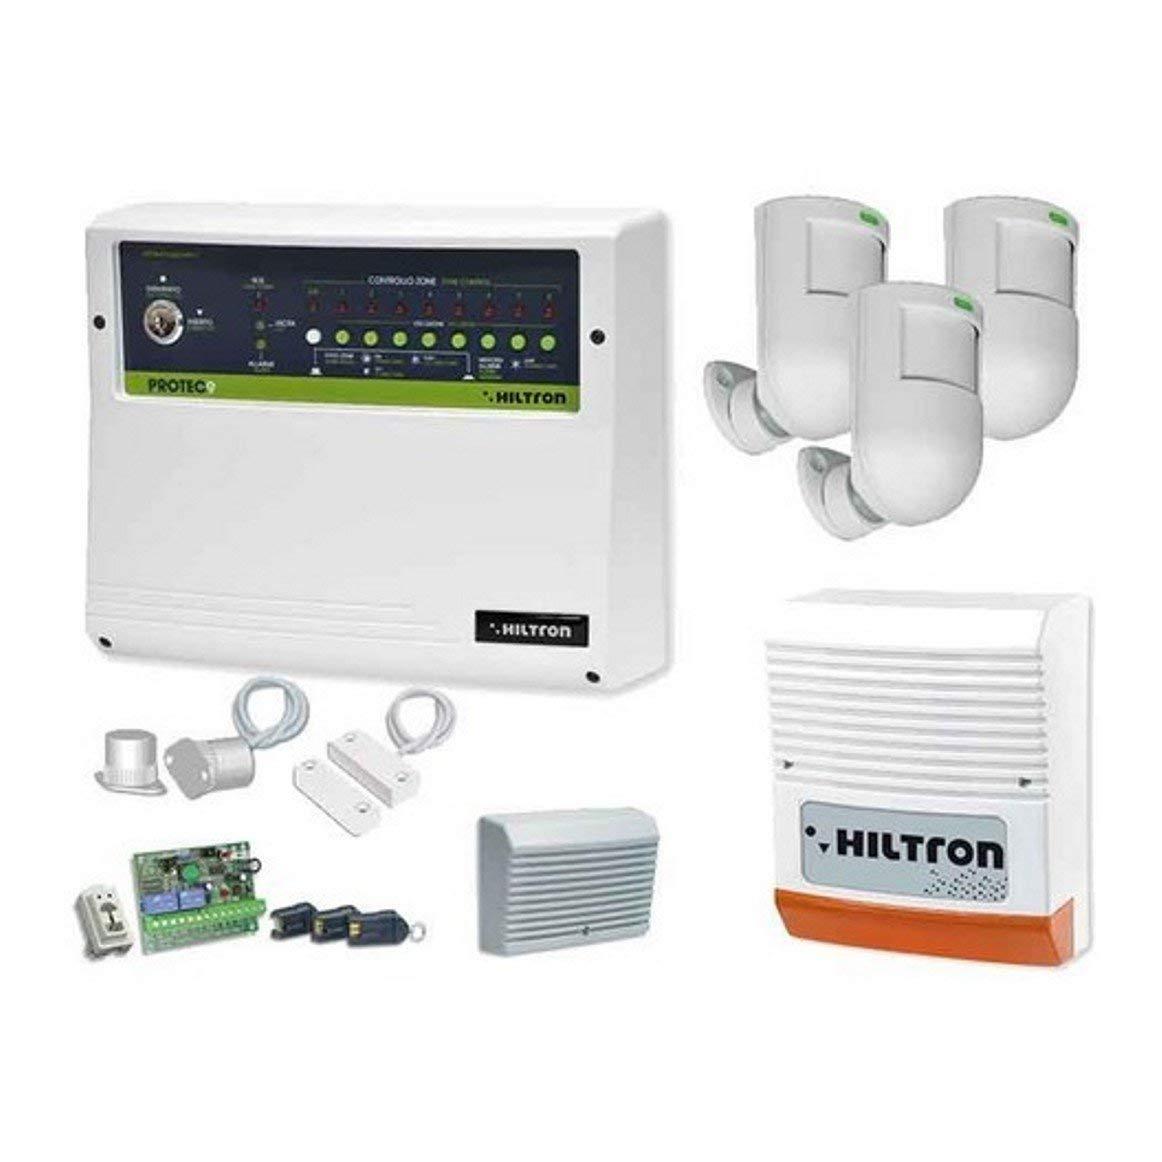 HiLTRON Central de Alarma protec9 8 Zonas + 1 H24 antirrobo ...